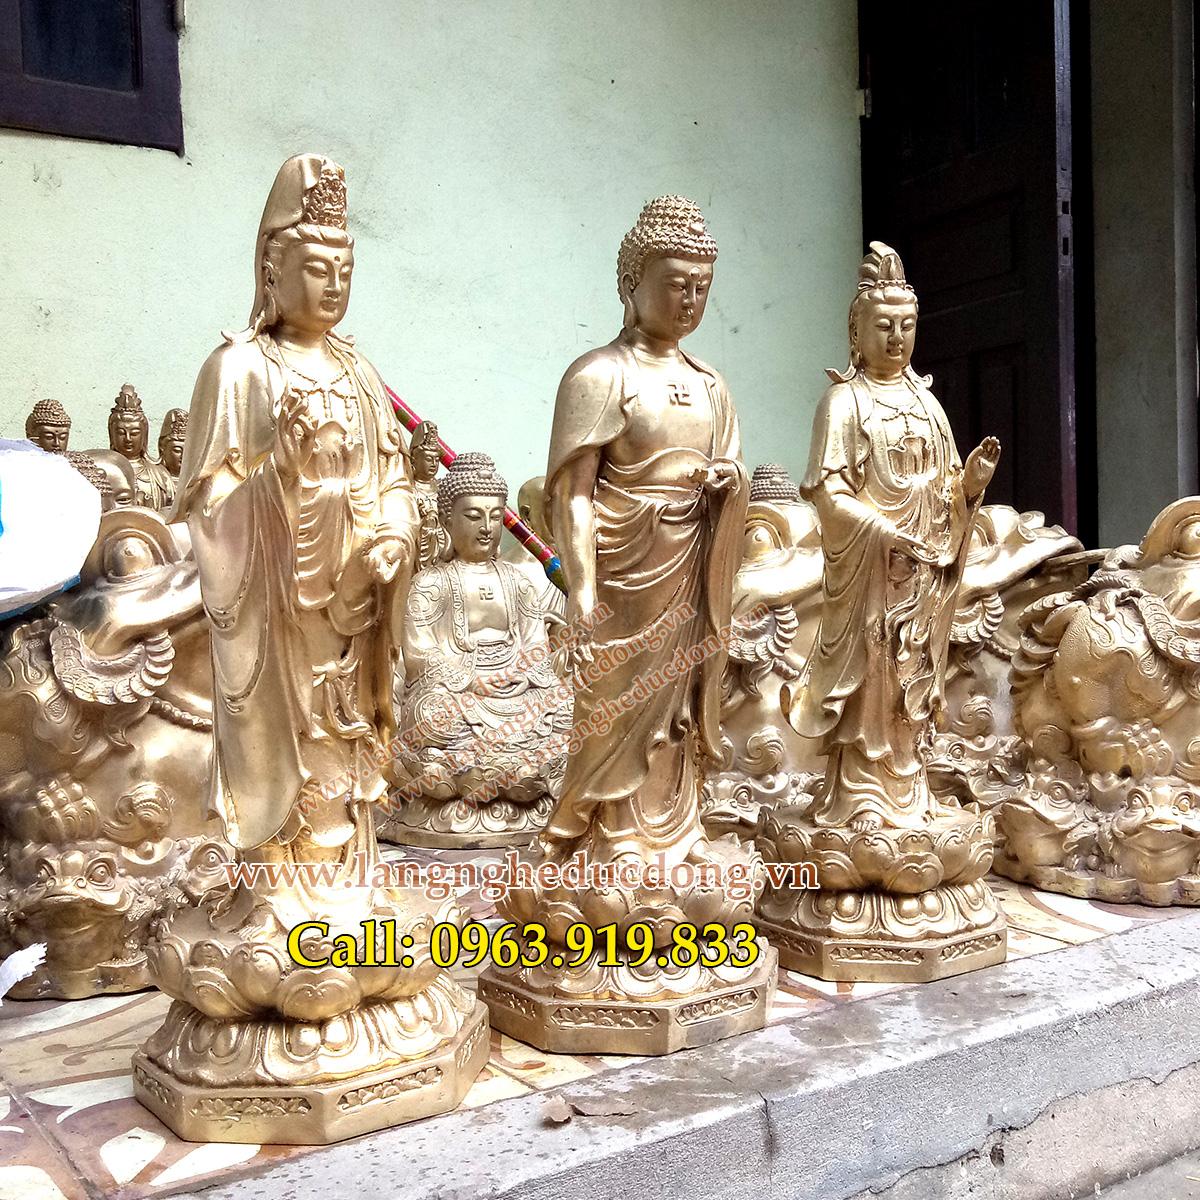 langngheducdong.vn - tượng phật, bộ tượng tam thánh, tượng đồng vàng